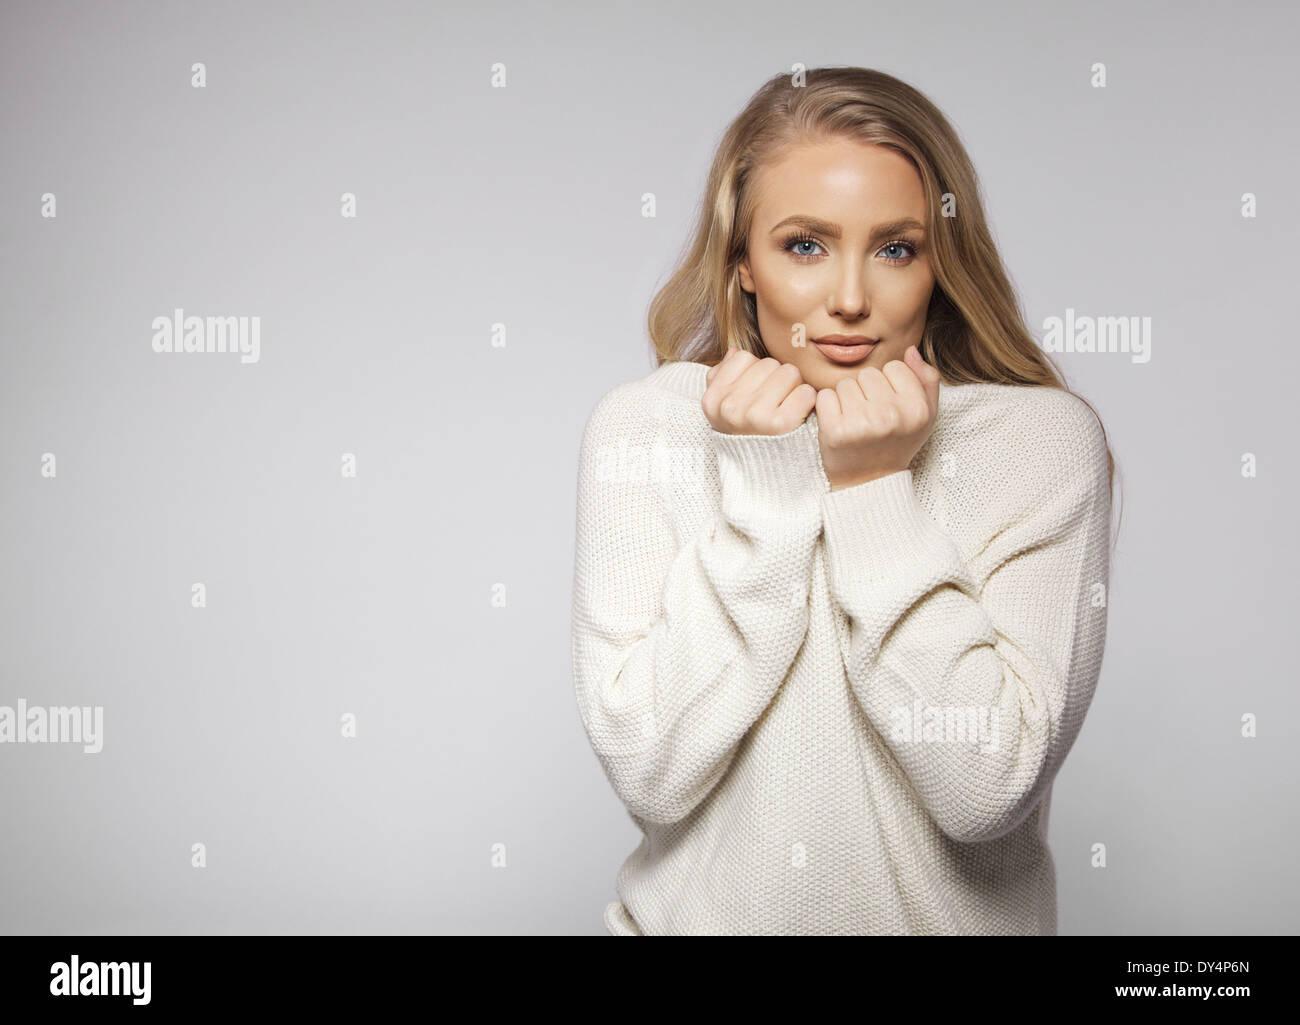 Retrato de la hermosa joven rubia vistiendo suéter la sensación de frío. Lindo modelo de moda femenina joven posando sobre fondo gris. Imagen De Stock